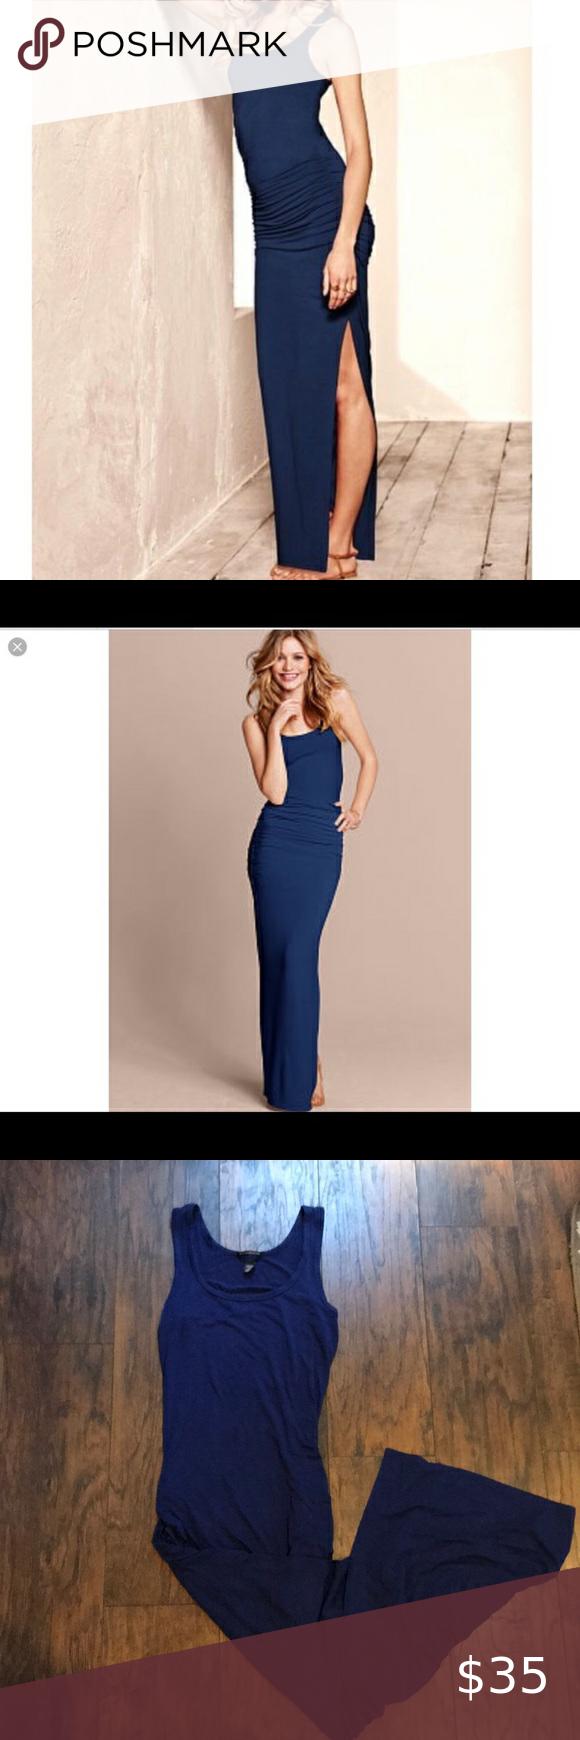 Victoria Secret Rucked Maxi Dress Ruched Maxi Dress Victoria Secret Maxi Dress [ 1740 x 580 Pixel ]